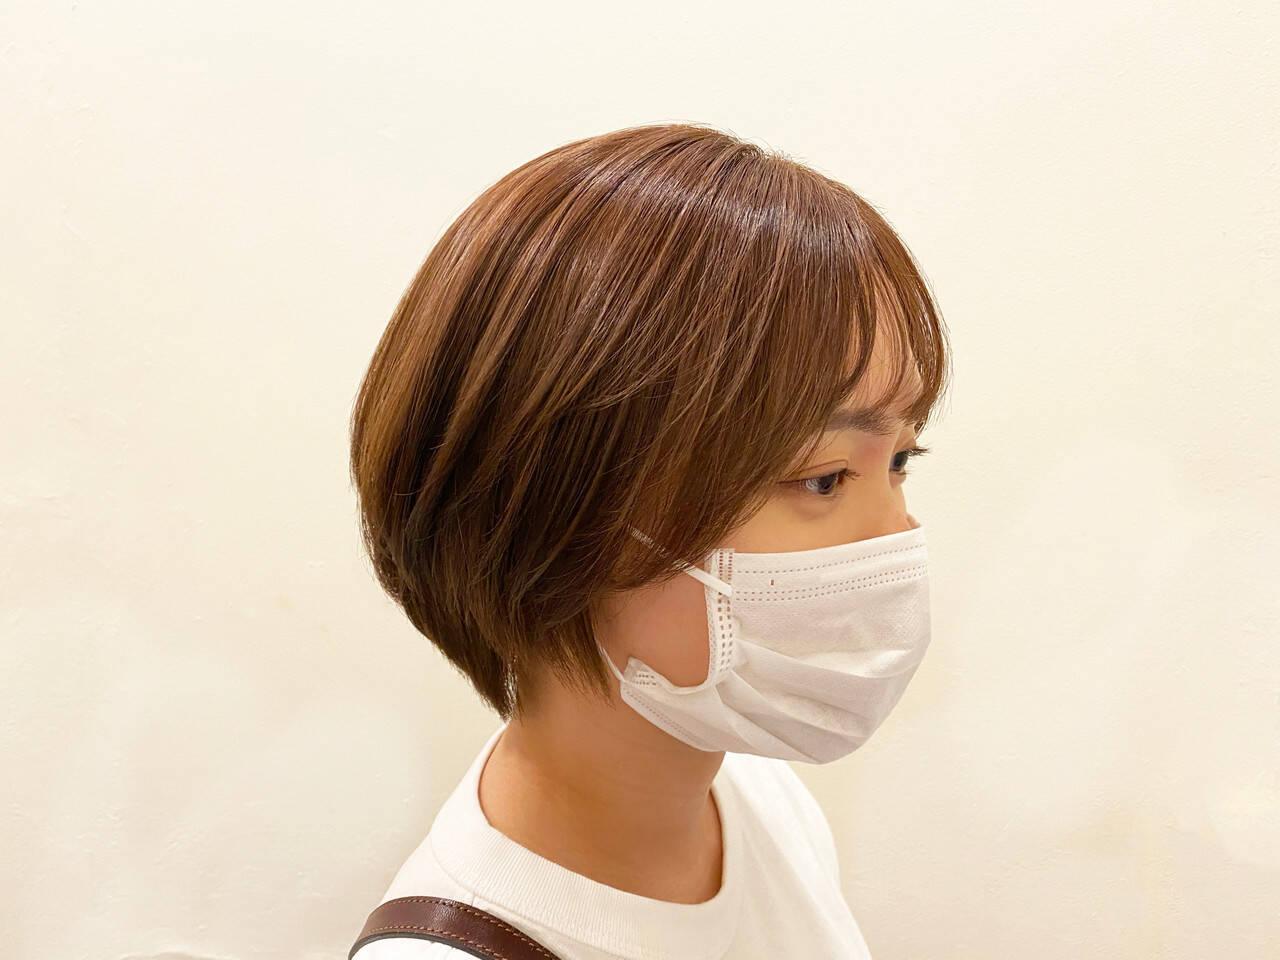 簡単スタイリング ボブ ショートボブ ショコラブラウンヘアスタイルや髪型の写真・画像